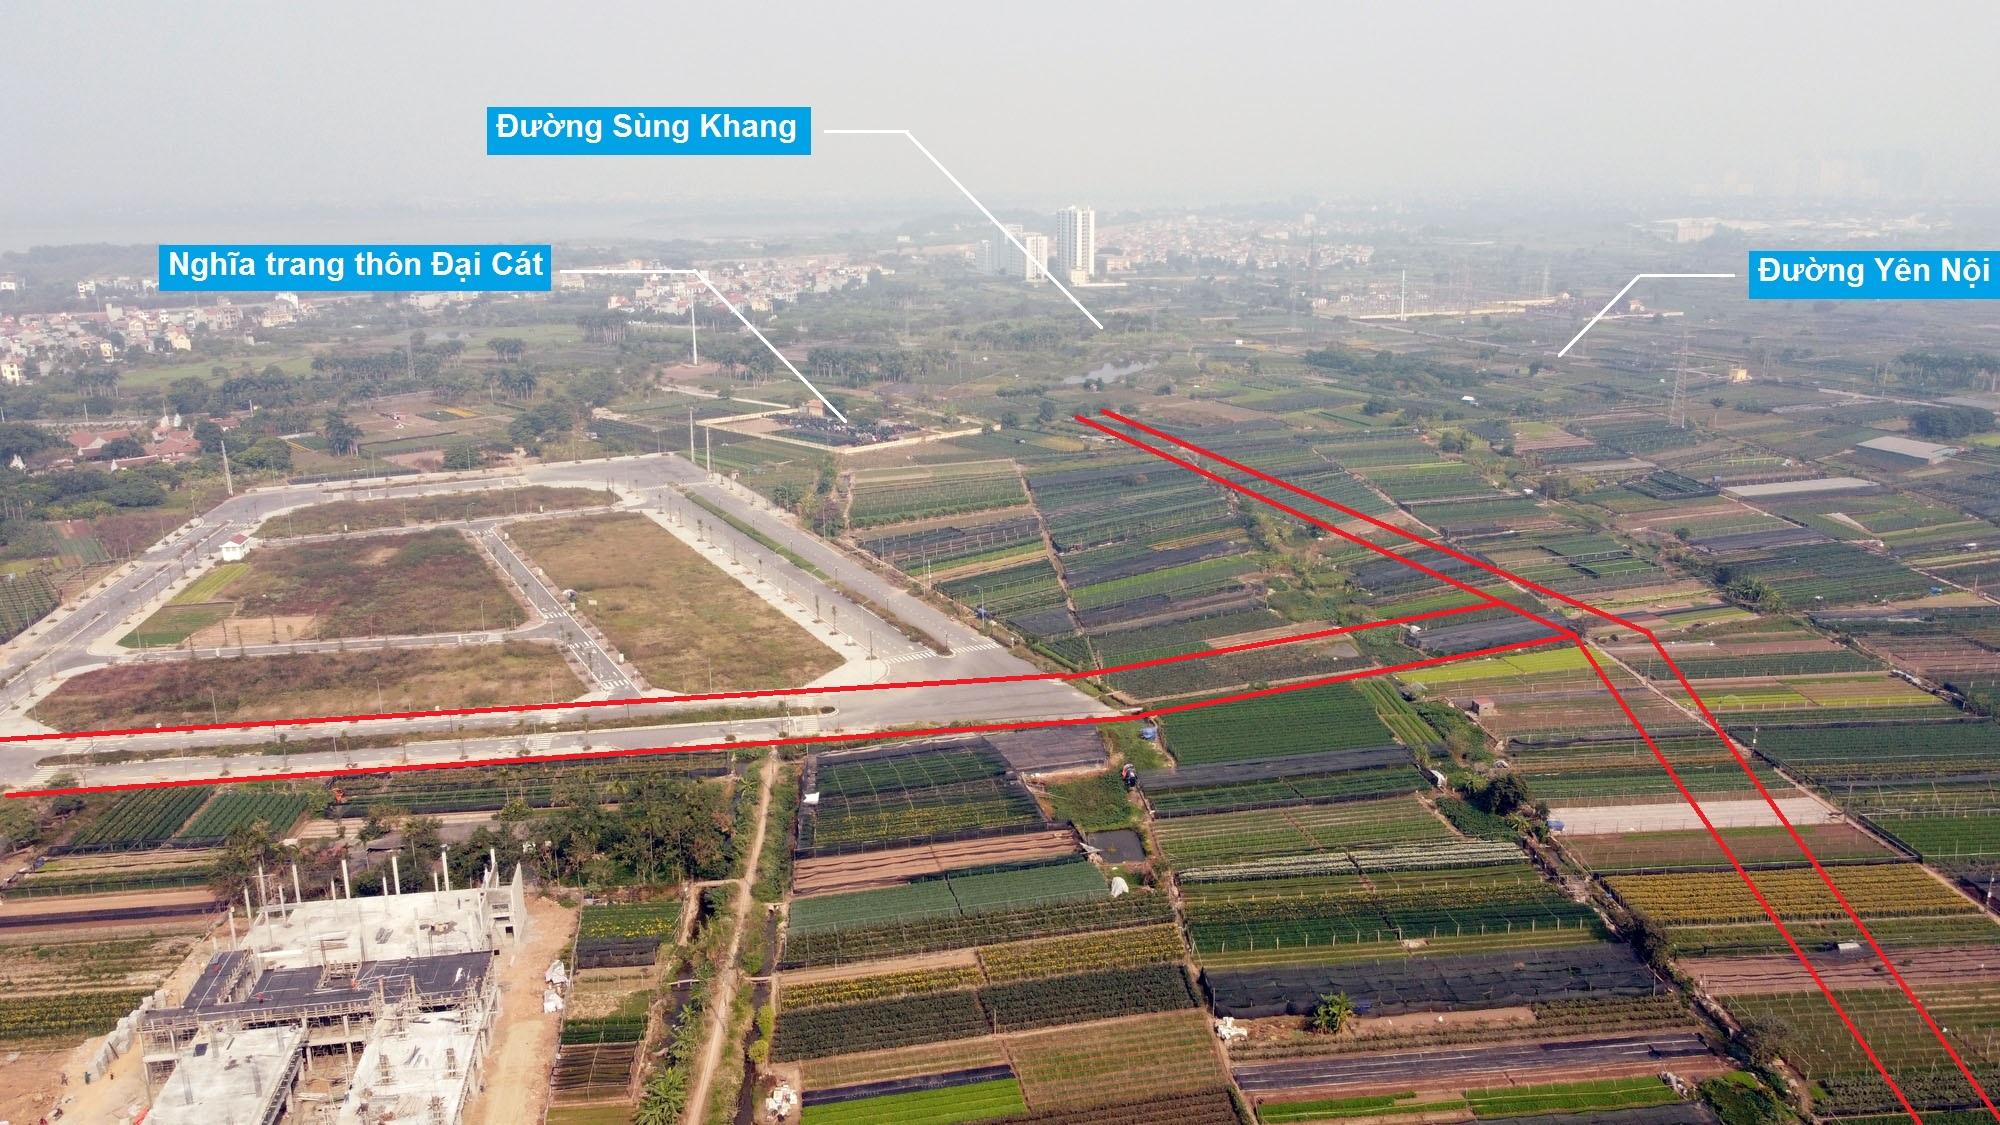 Ba đường sẽ mở theo qui hoạch ở phường Tây Tựu, Bắc Từ Liêm (phần 3) - Ảnh 9.